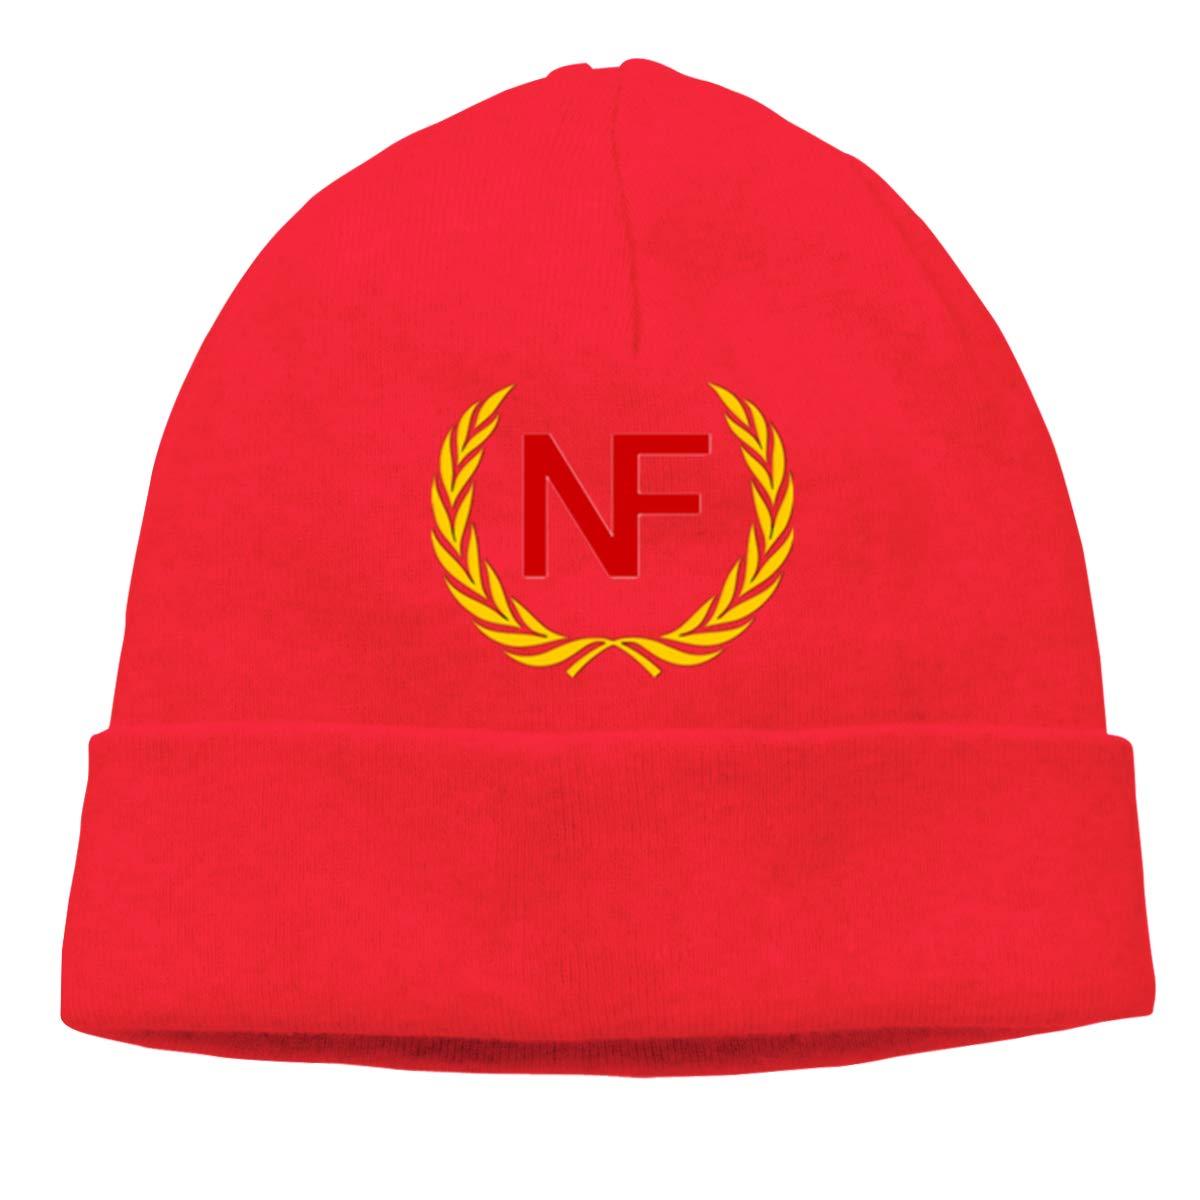 NF Flag Unisex Cuffed Plain Skull Knitted Hat Beanie Cap Men Women Black